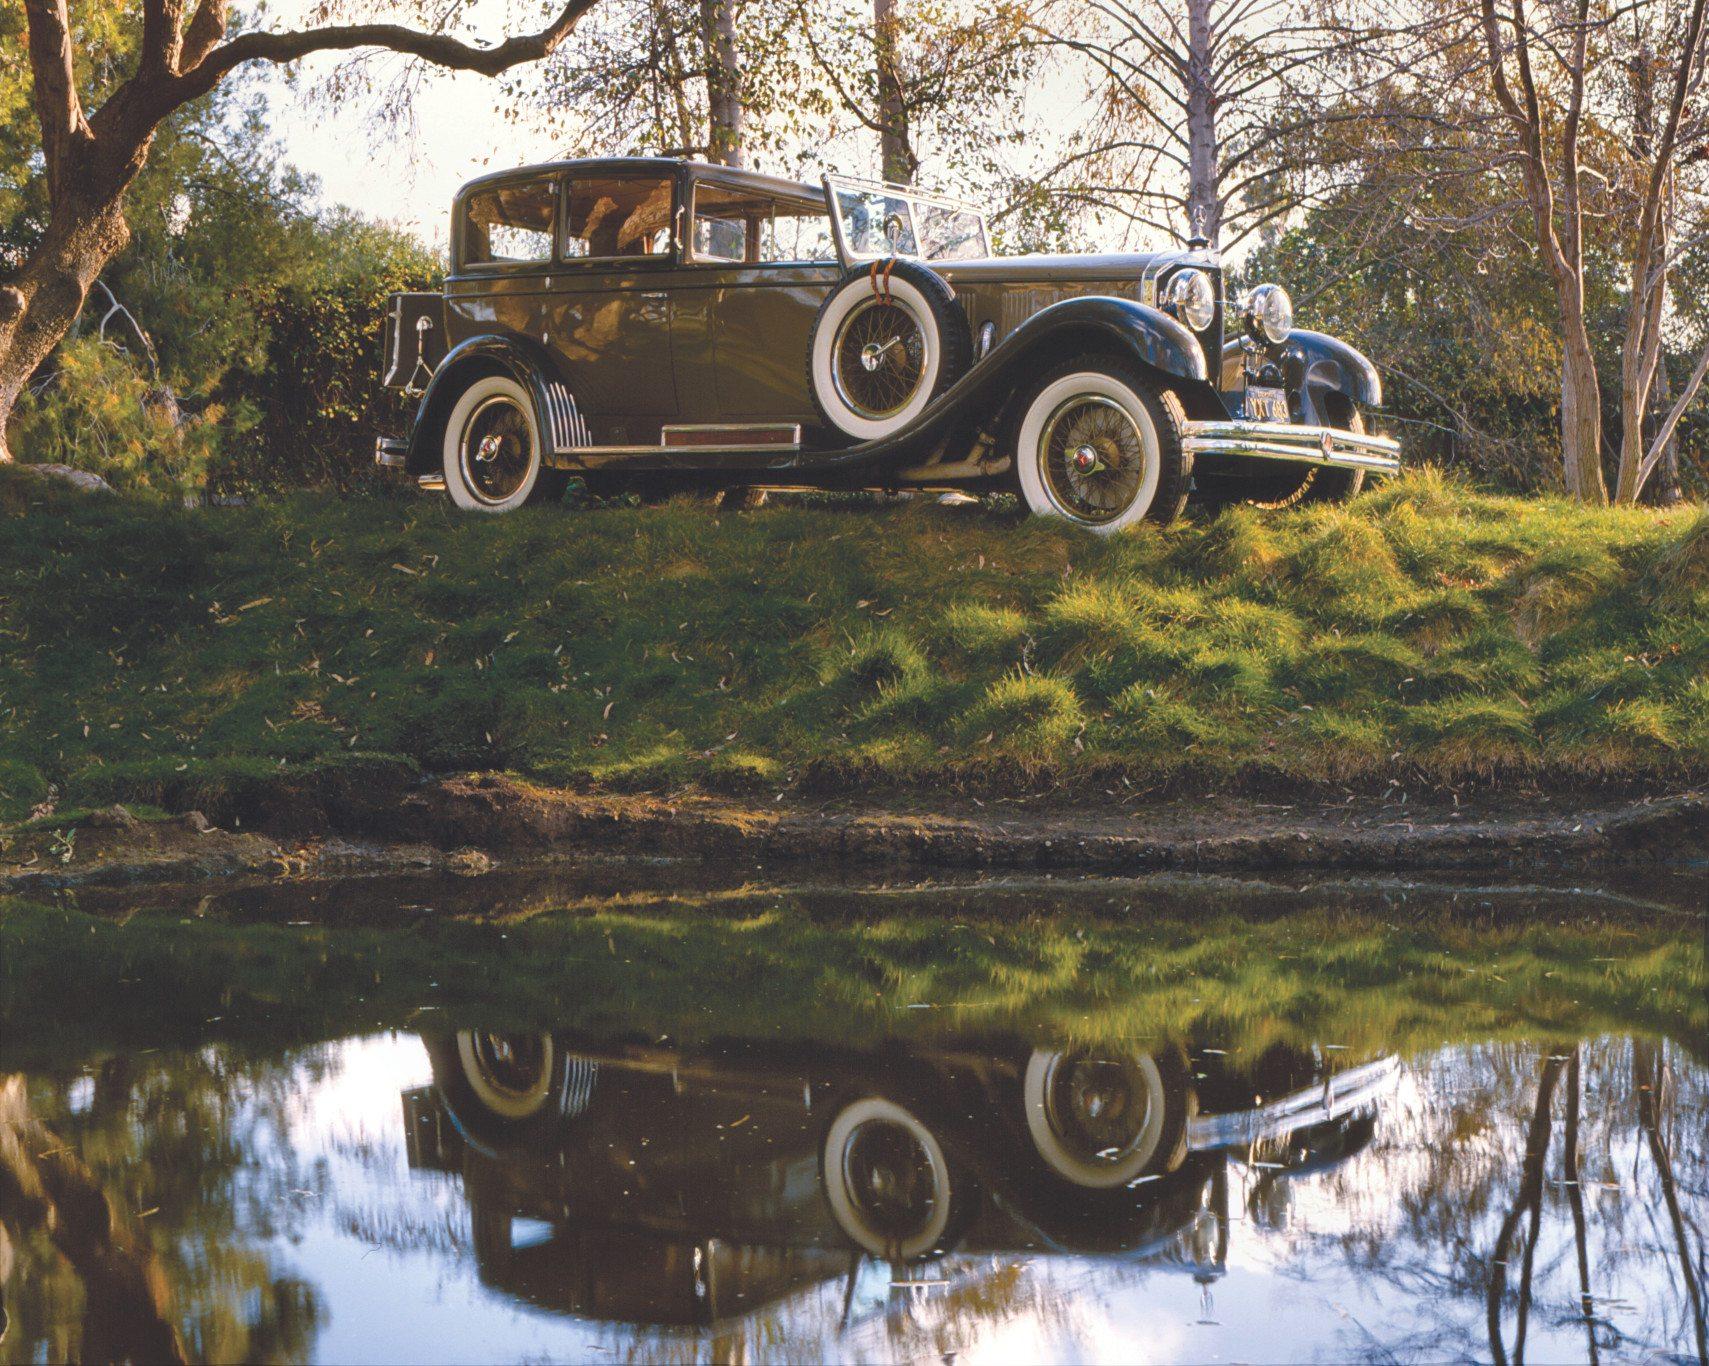 1928 Mercedes-Benz Model K Castagna Town Car